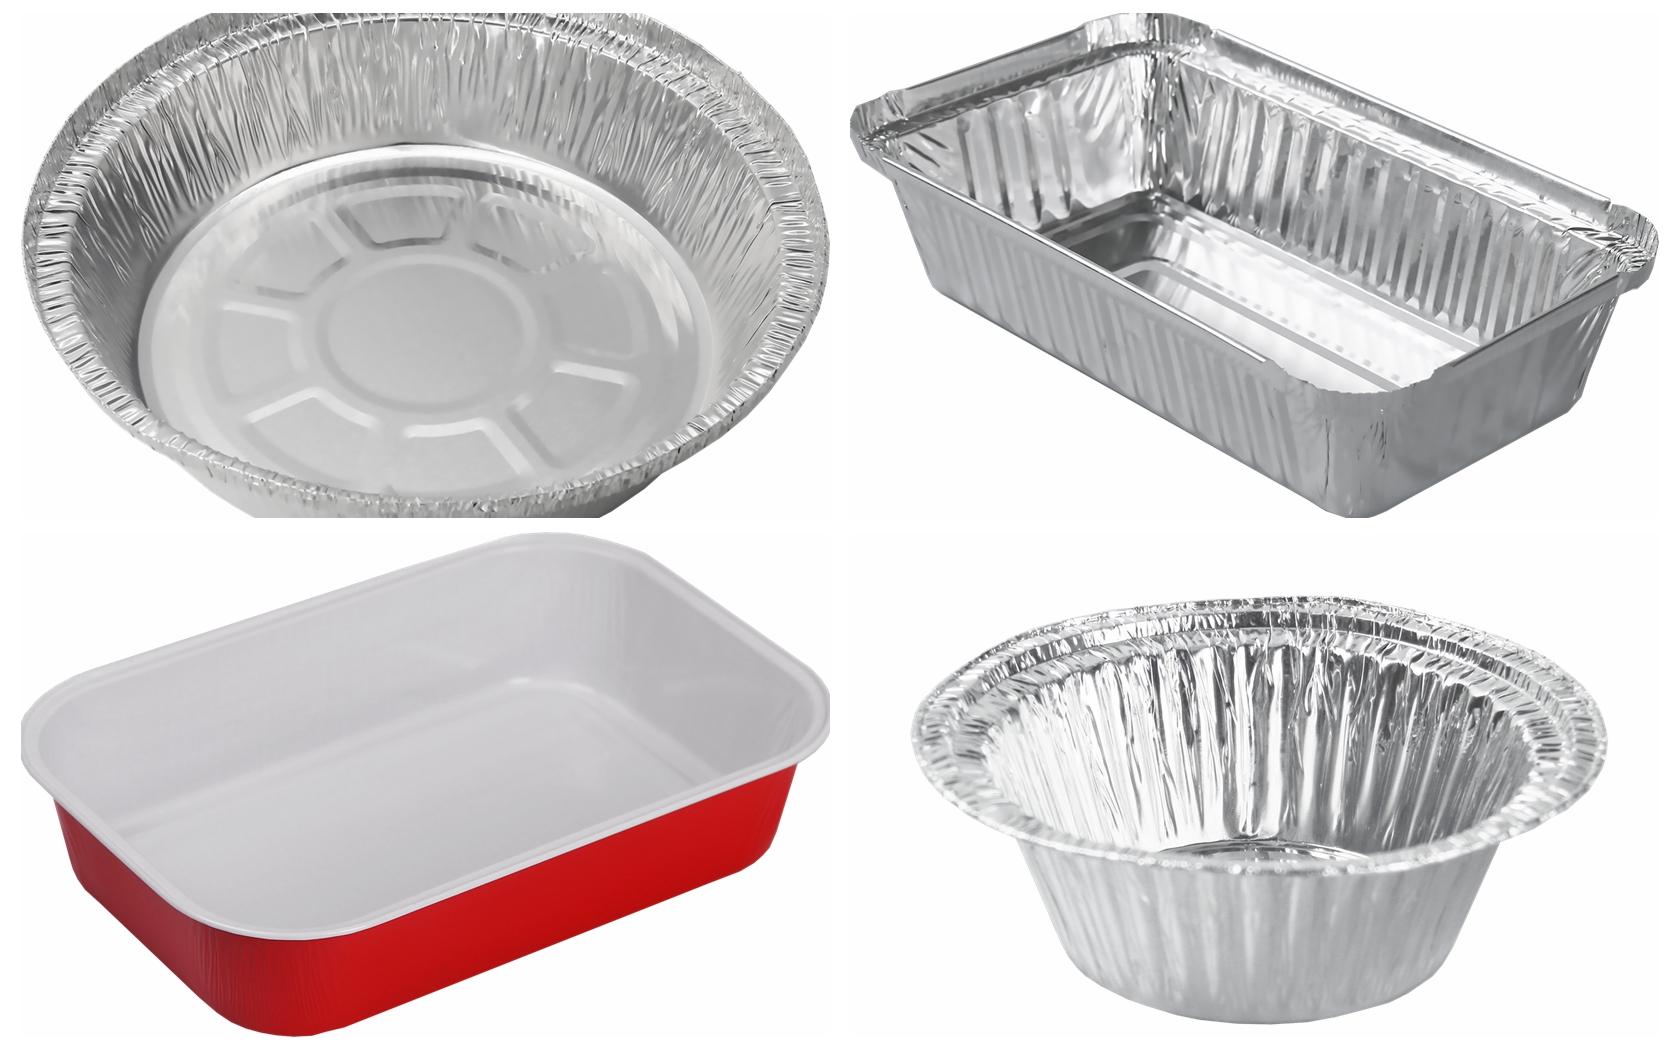 aluminum foil tray for cake baking